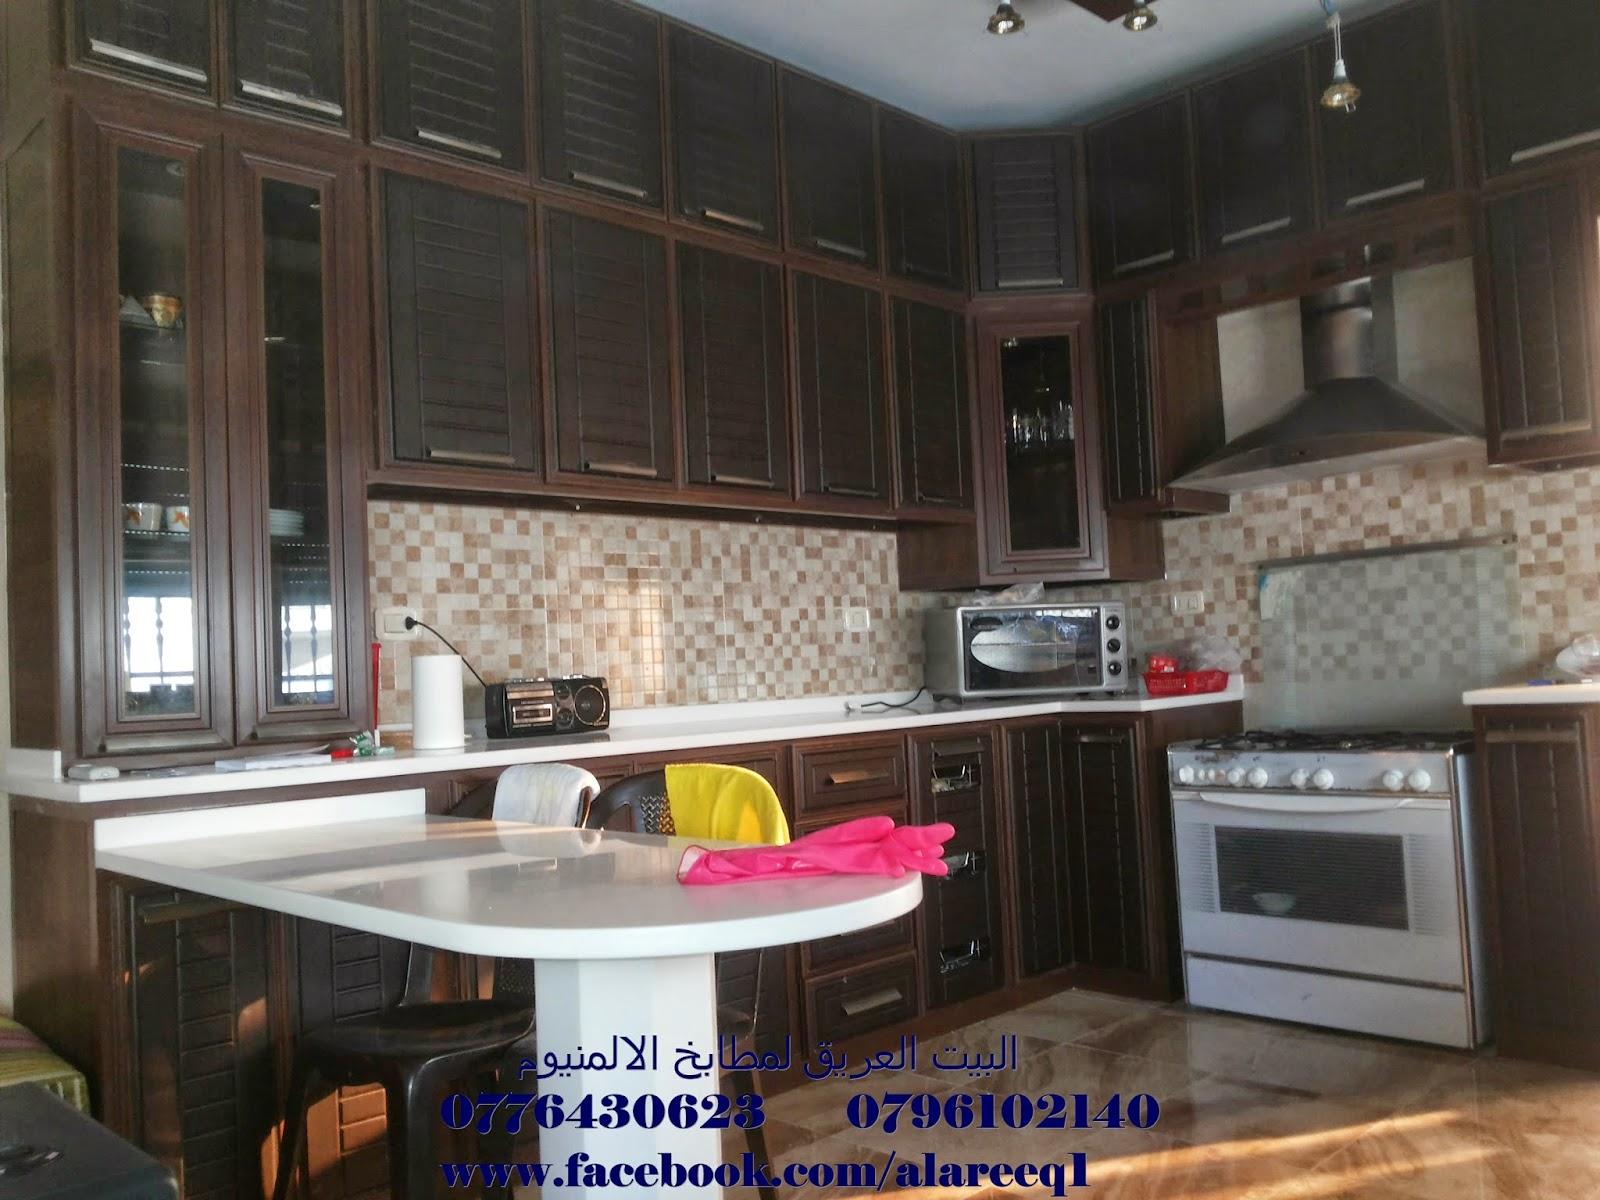 مطبخ المنيوم طابقين pvc لون وينجي , درفة دبل , جرانيت كوريان صناعي